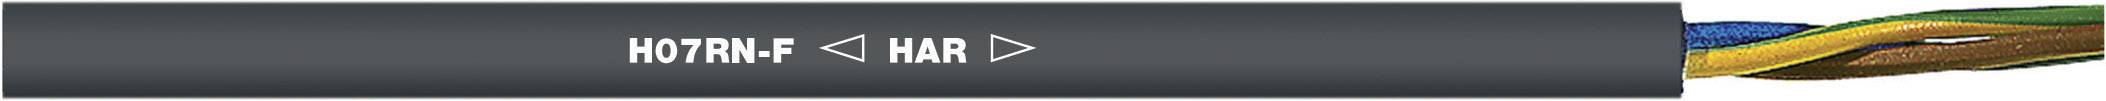 Připojovací kabel H07RN-F 2 x 6 mm² černá LAPP 1600095/1000 1000 m